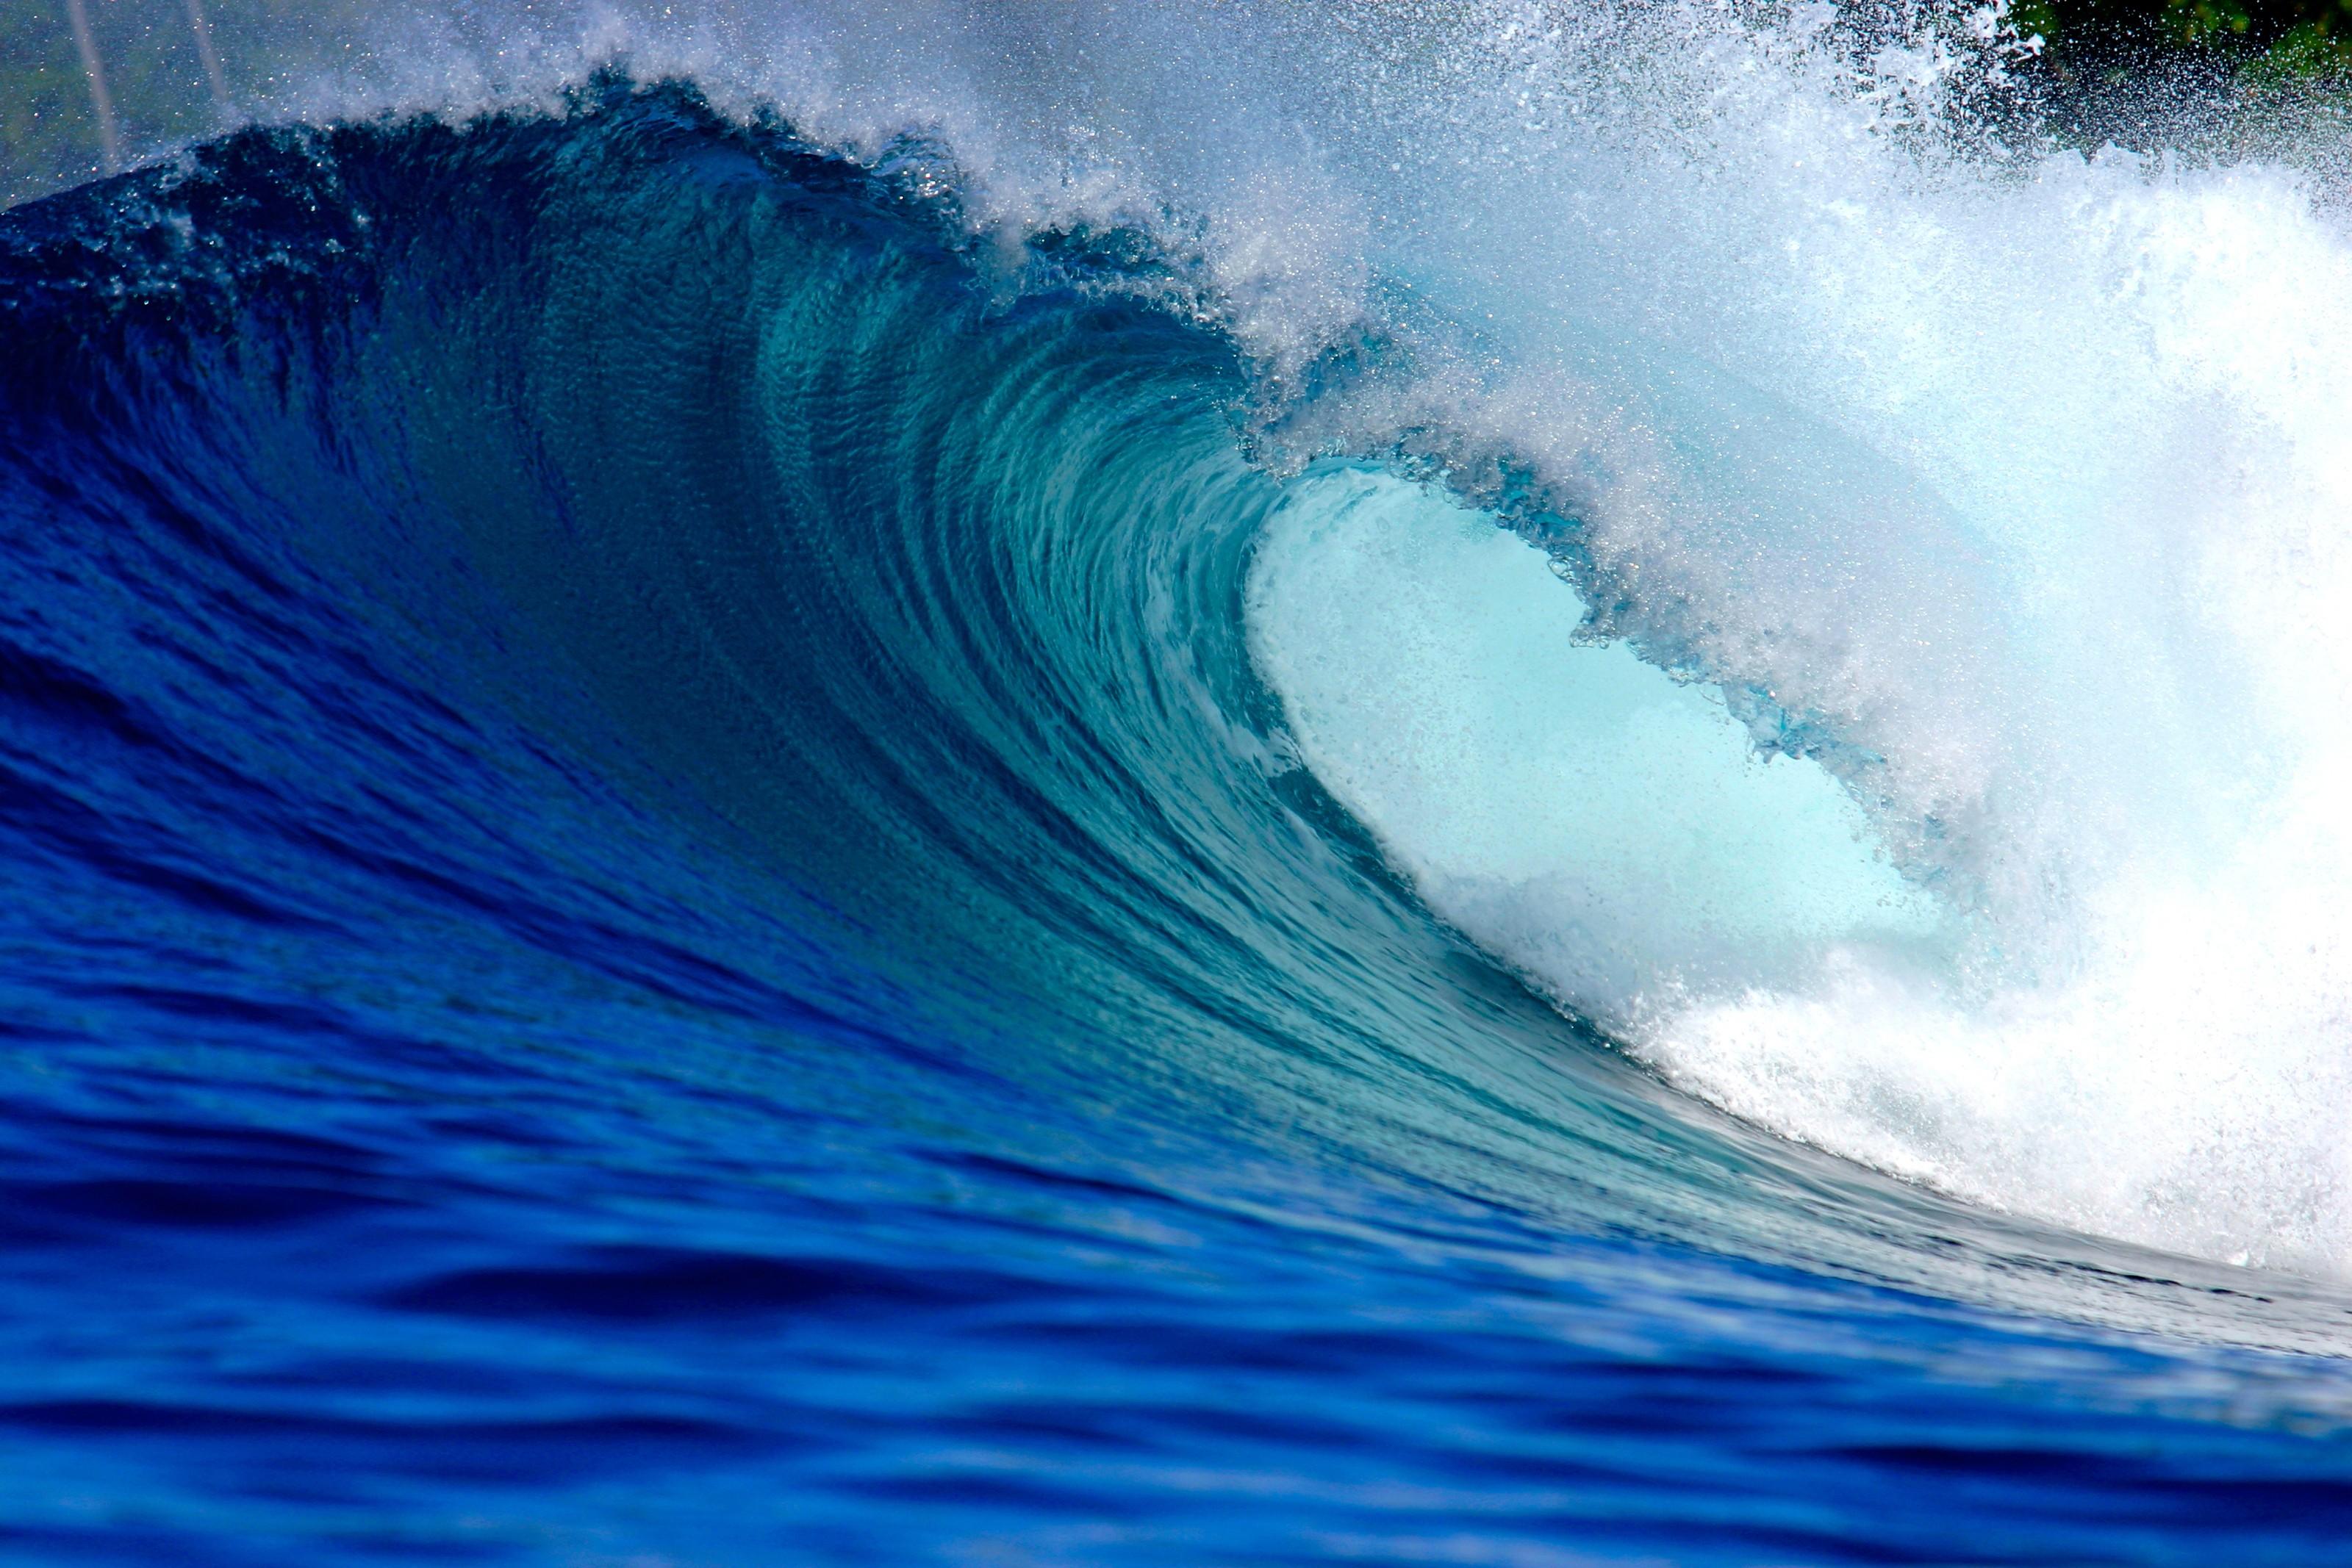 Fond D Ecran Mer Vagues Ocean Vague Phenomene Geologique Vague De Vent Bodyboard 3200x2134 Omiit 55348 Fond D Ecran Wallhere